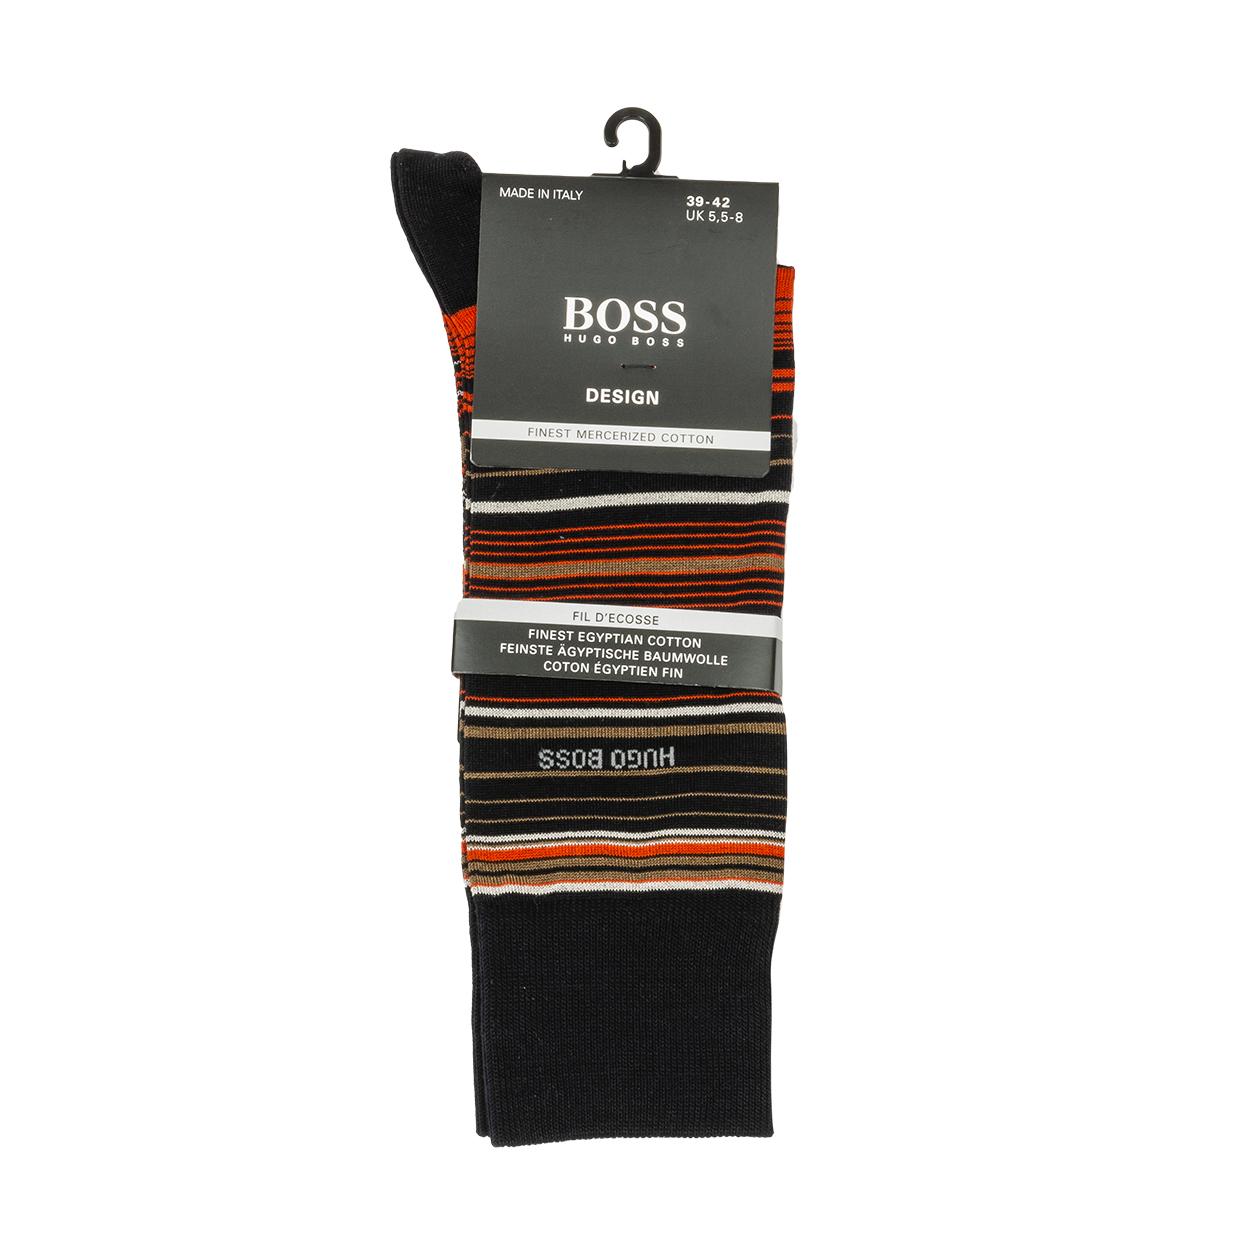 Chaussettes hautes  en coton mélangé bleu marine à rayures rouges et marron